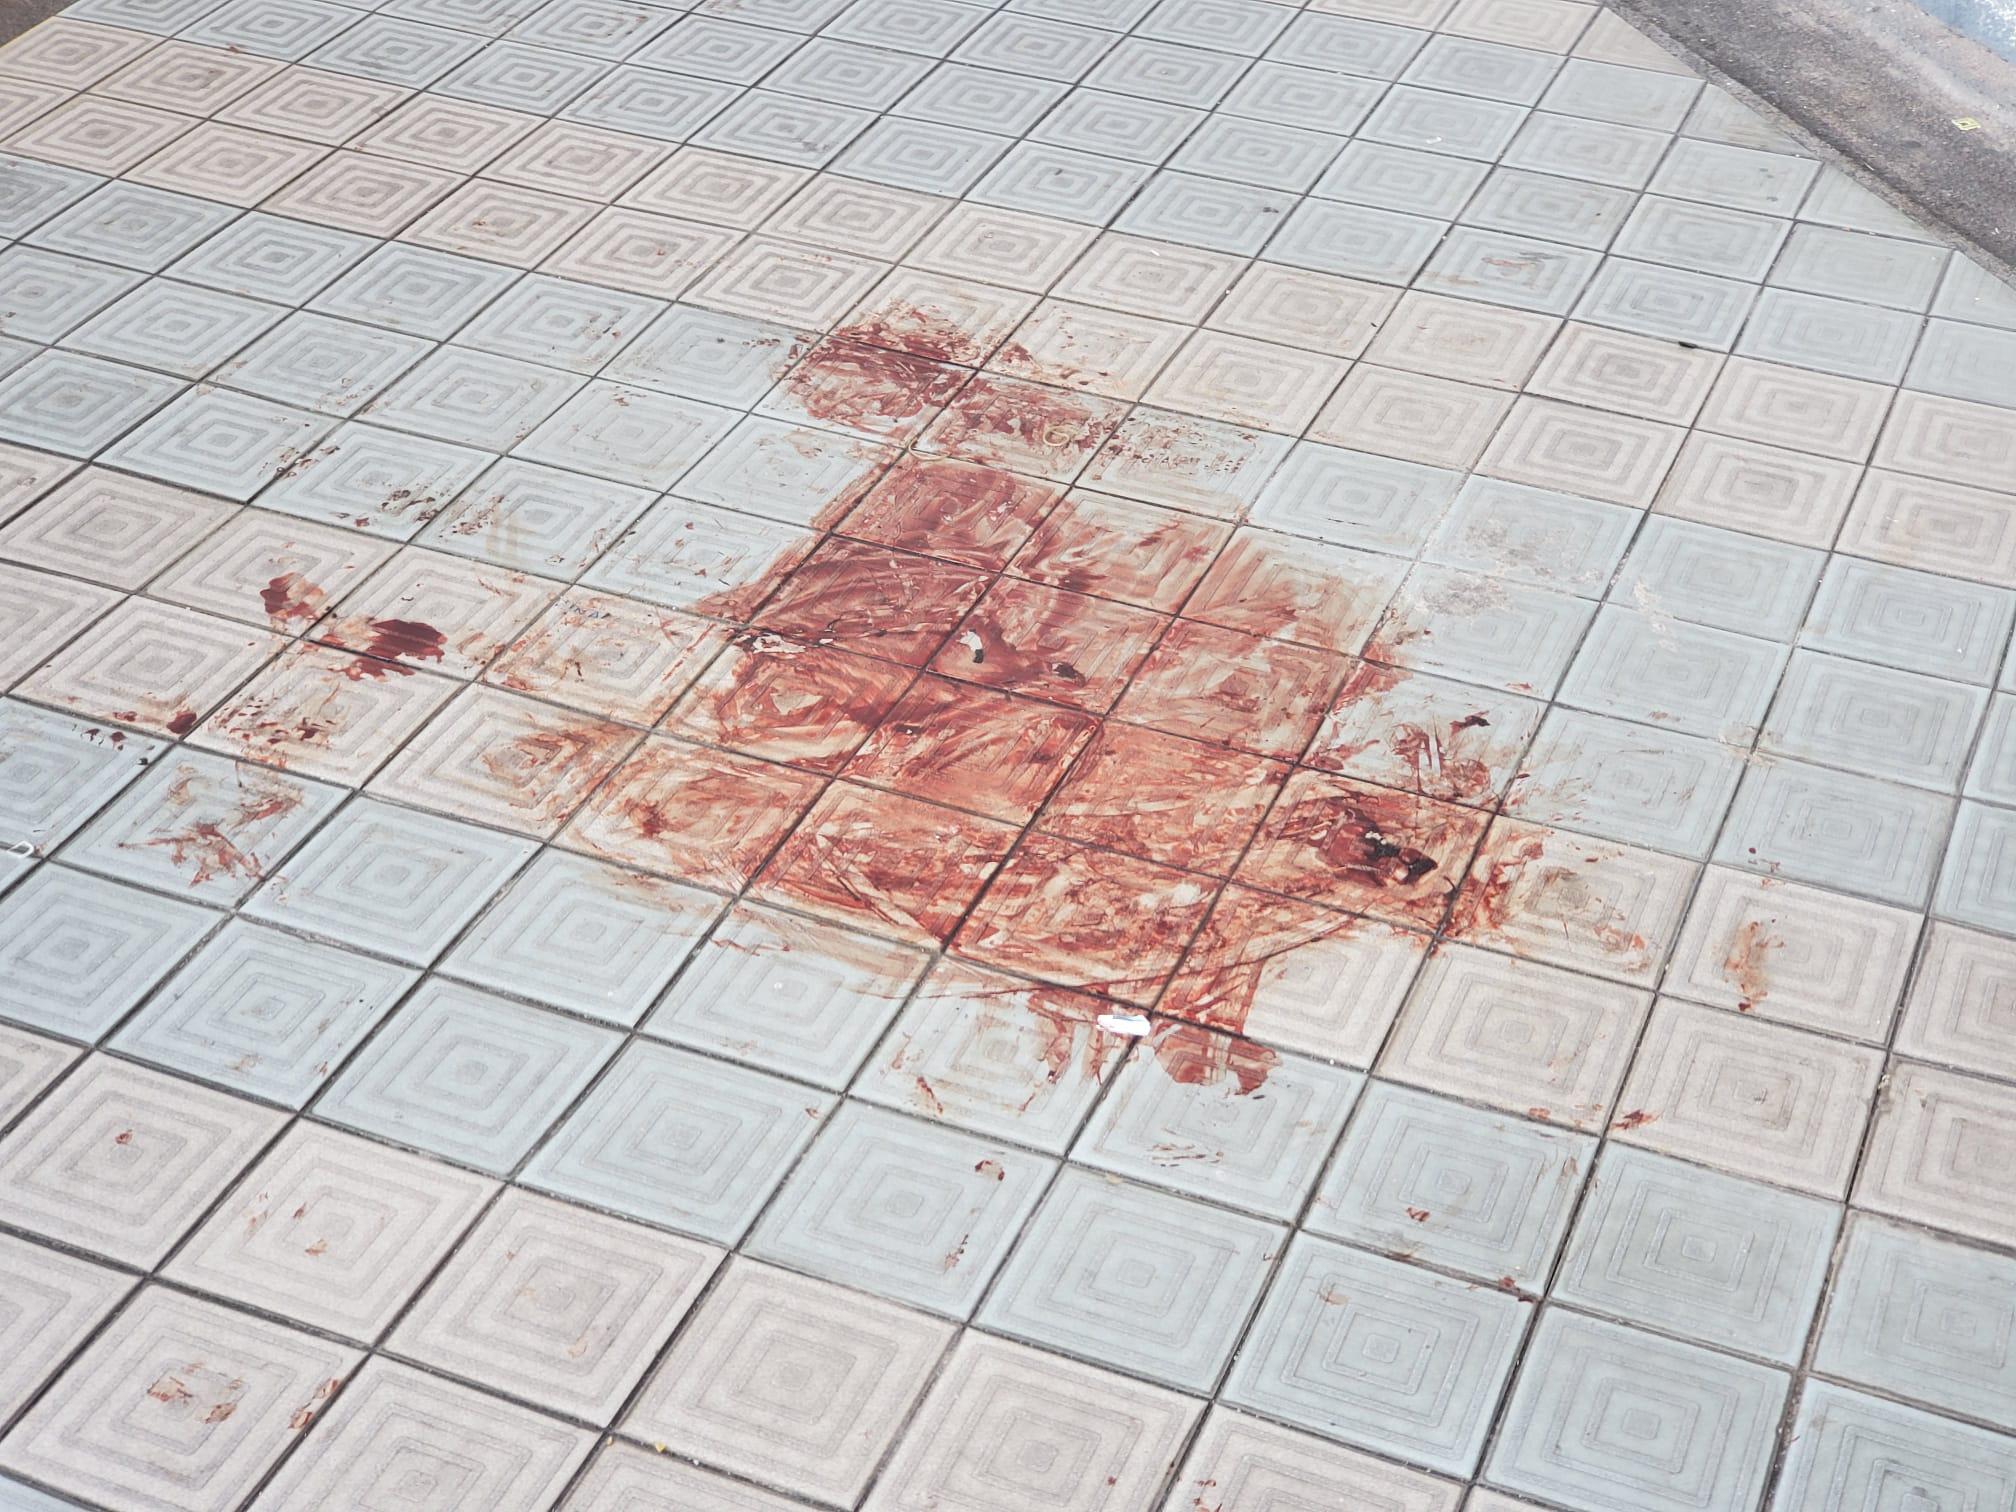 科大生失足墮下現場,血跡仍未清理。